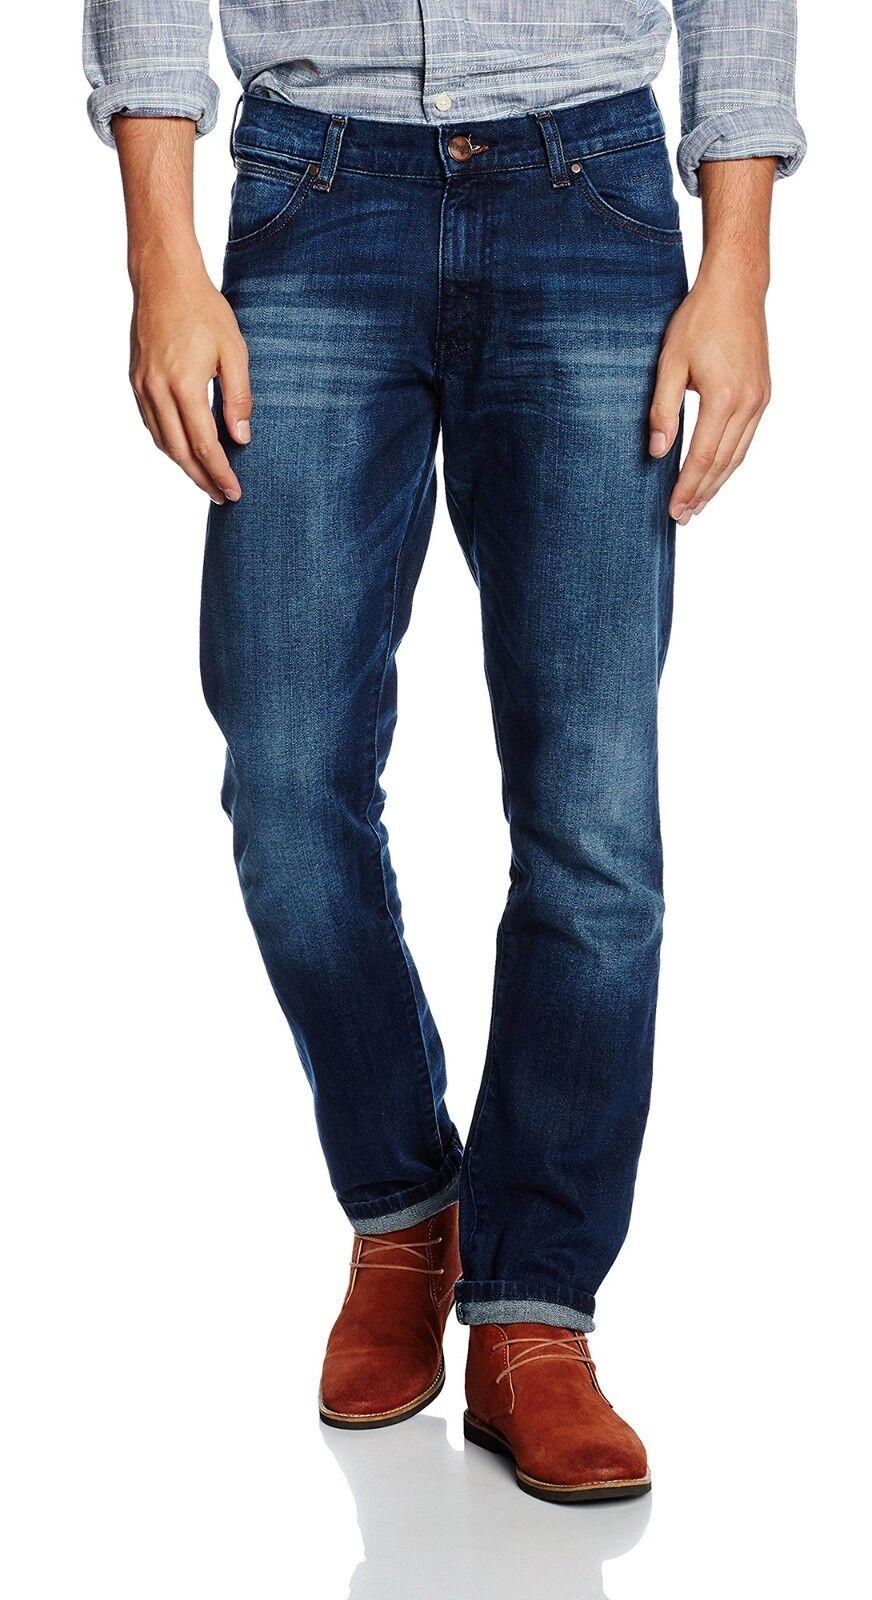 Wrangler Mens Larston Larston Larston Slim Taperot Skinny Stretch Jeans Blaze Vintage Denim 9faad1